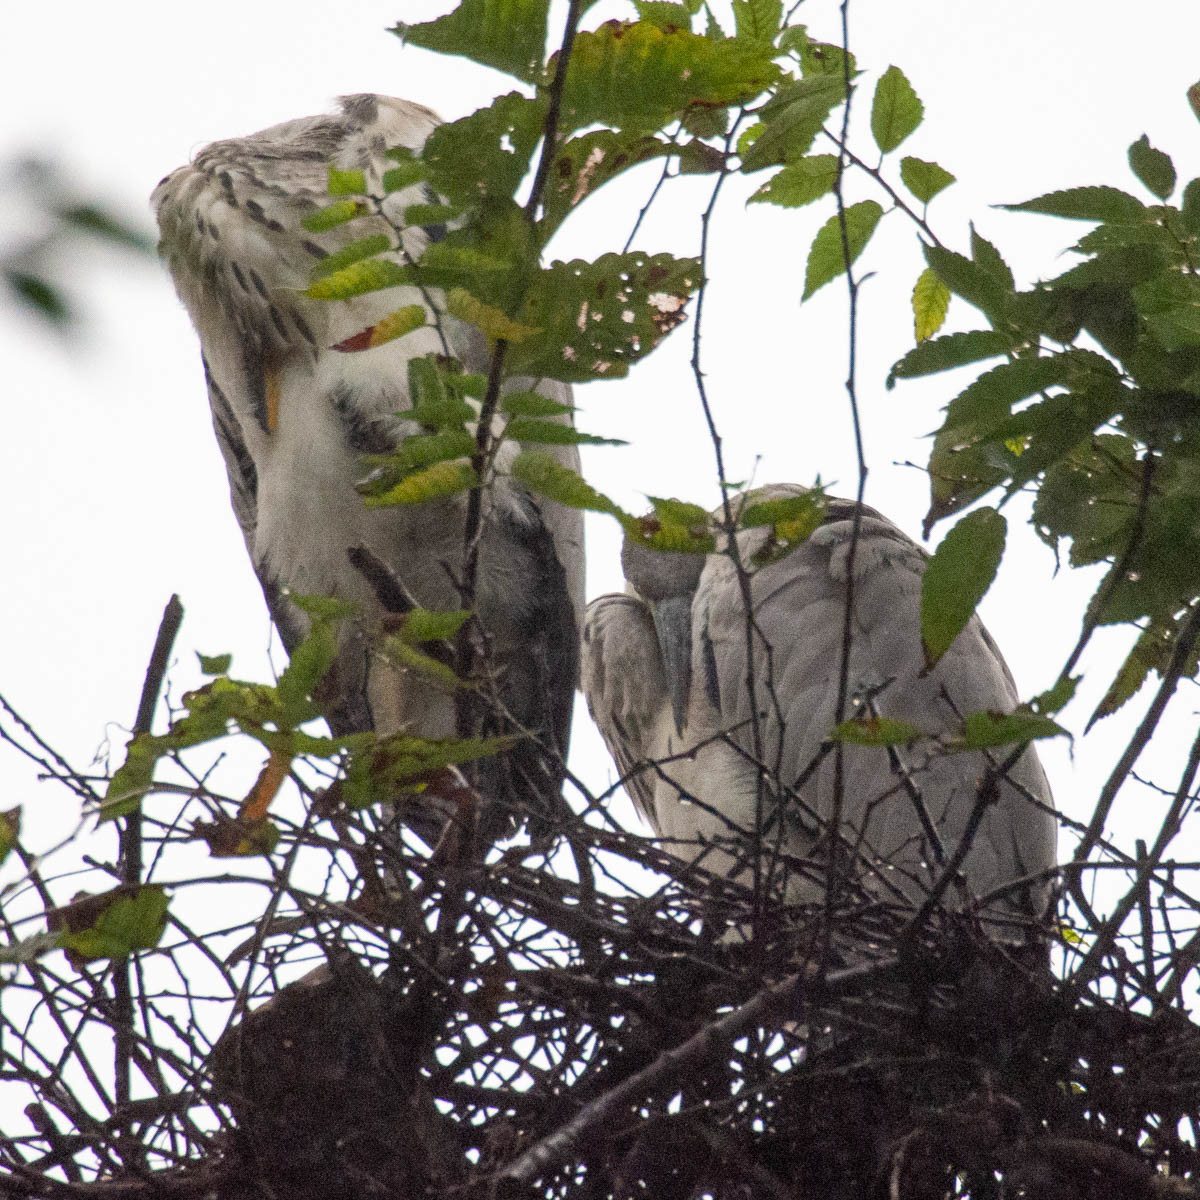 アオサギ 兄弟  (アオサギ)  2020/07/15_d0146592_23211486.jpg